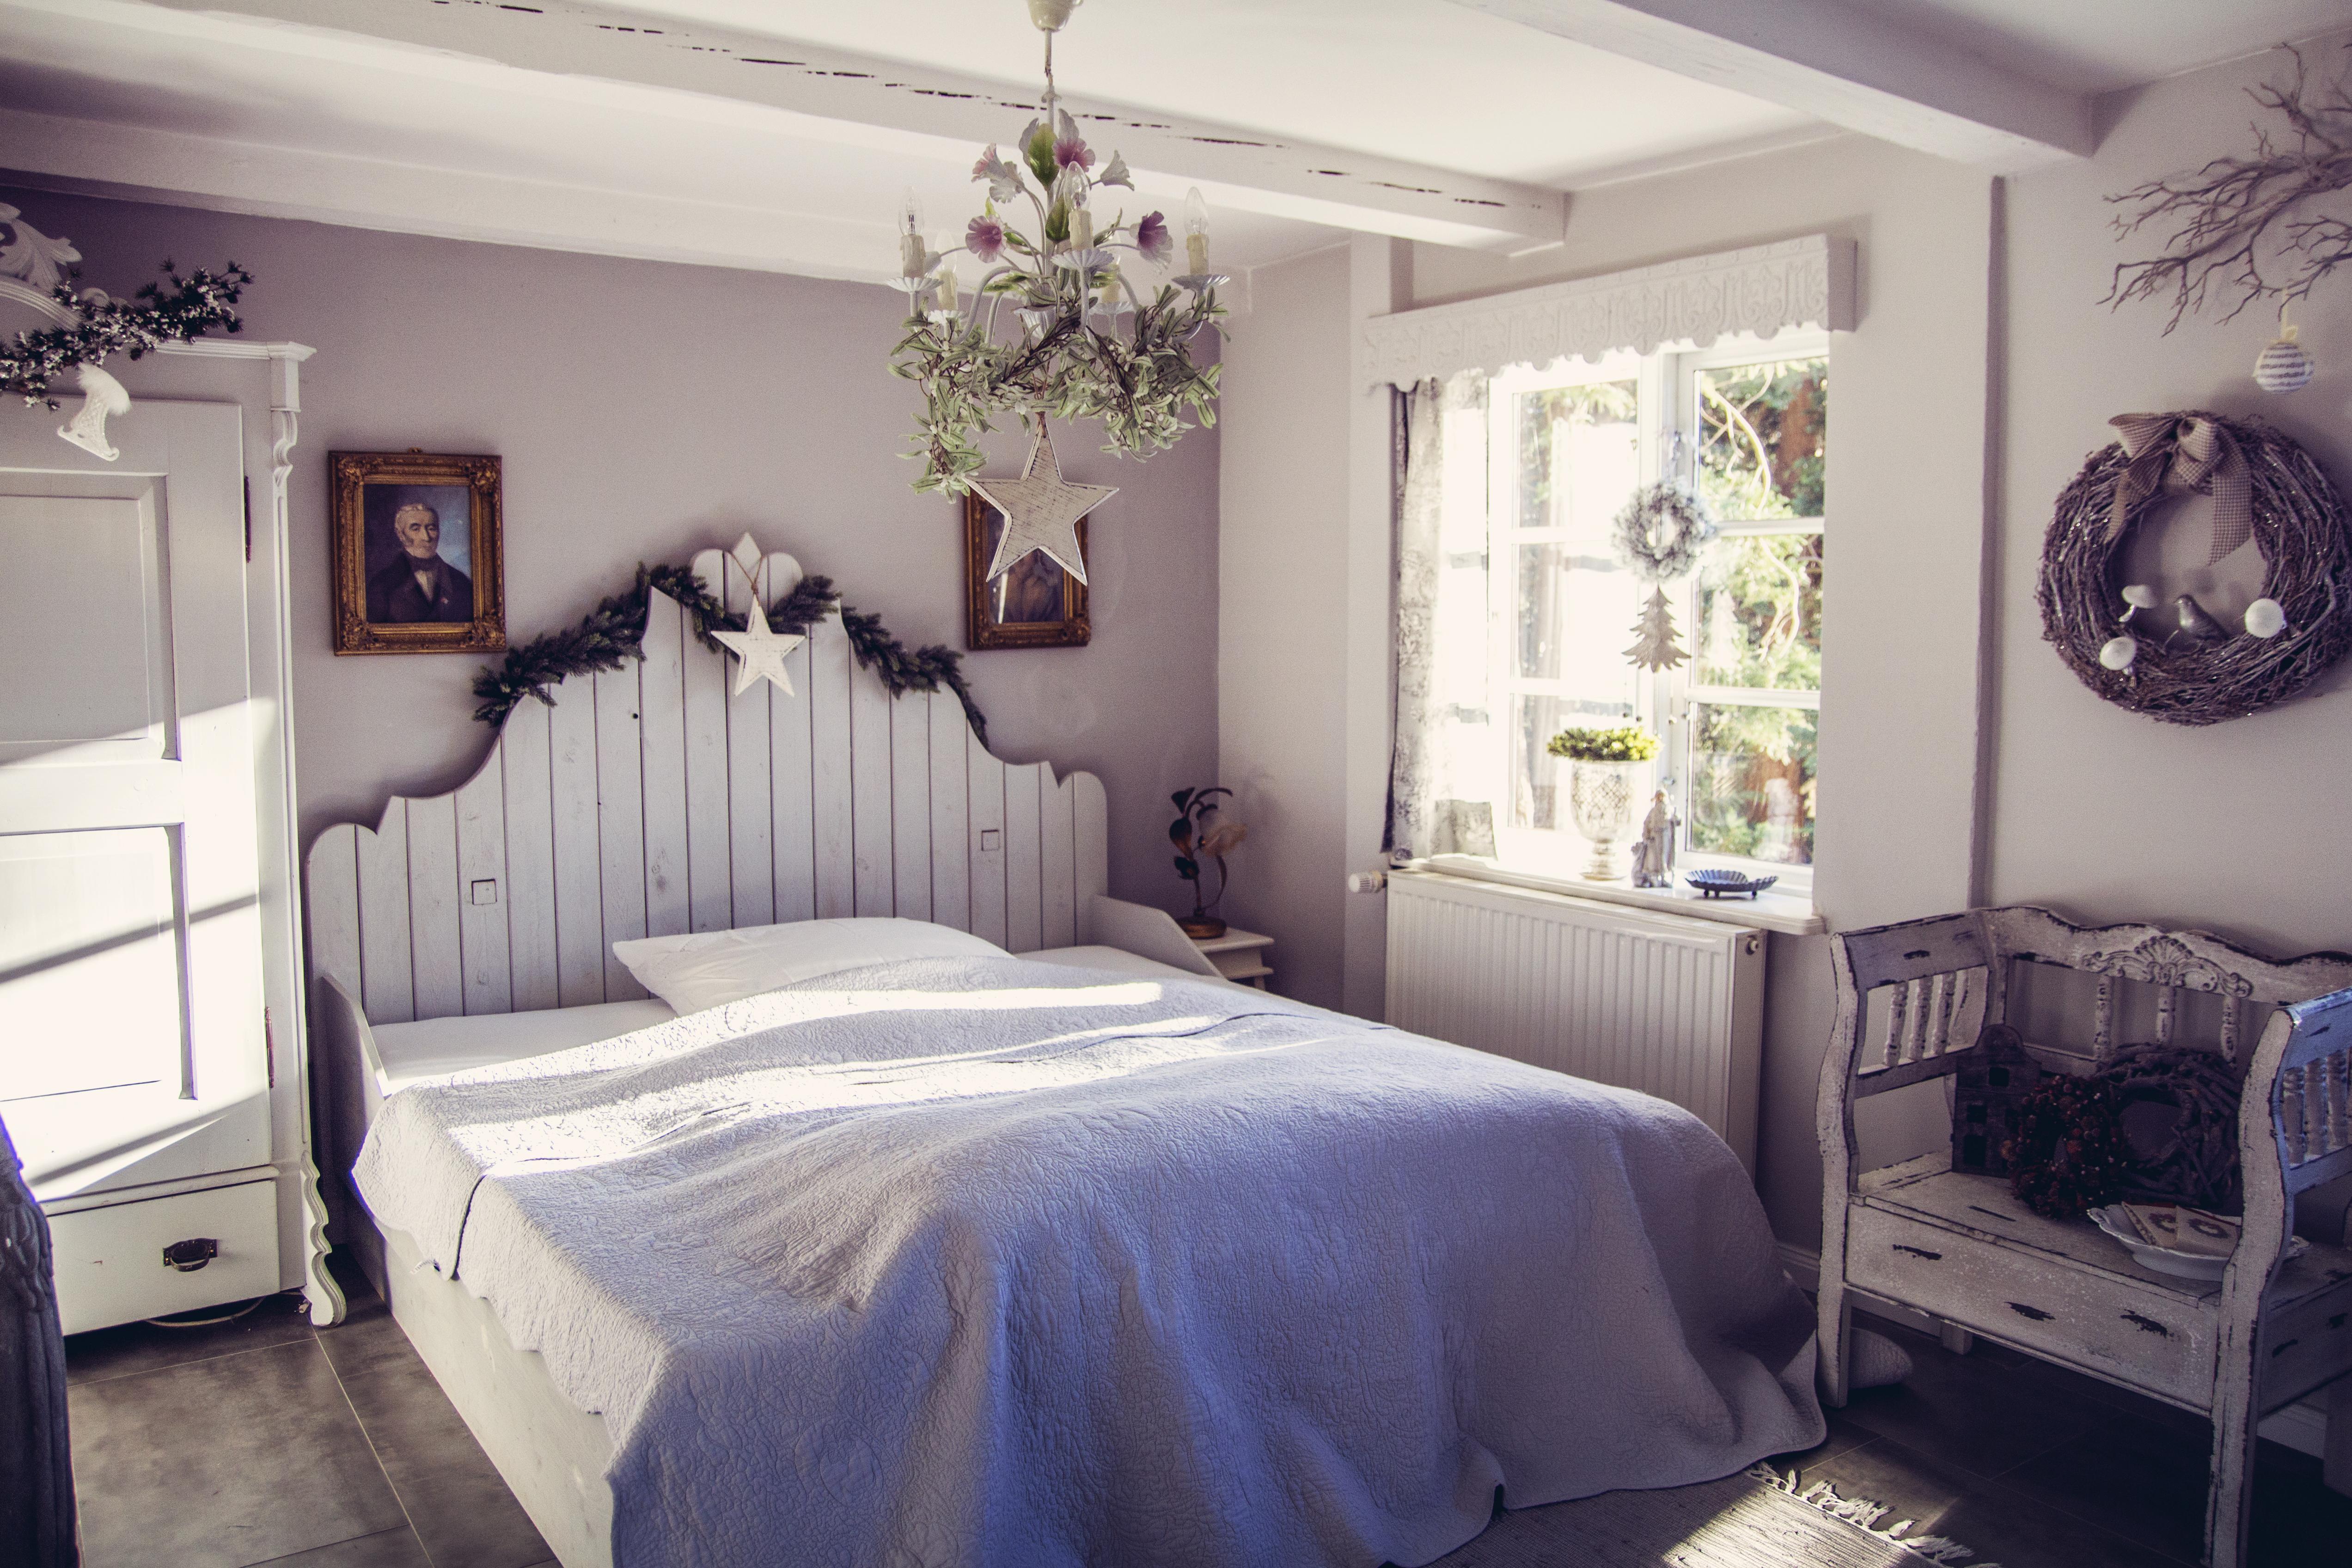 LilleHus_Loit_Schlei_Ferienhaus_Schlafzimmer